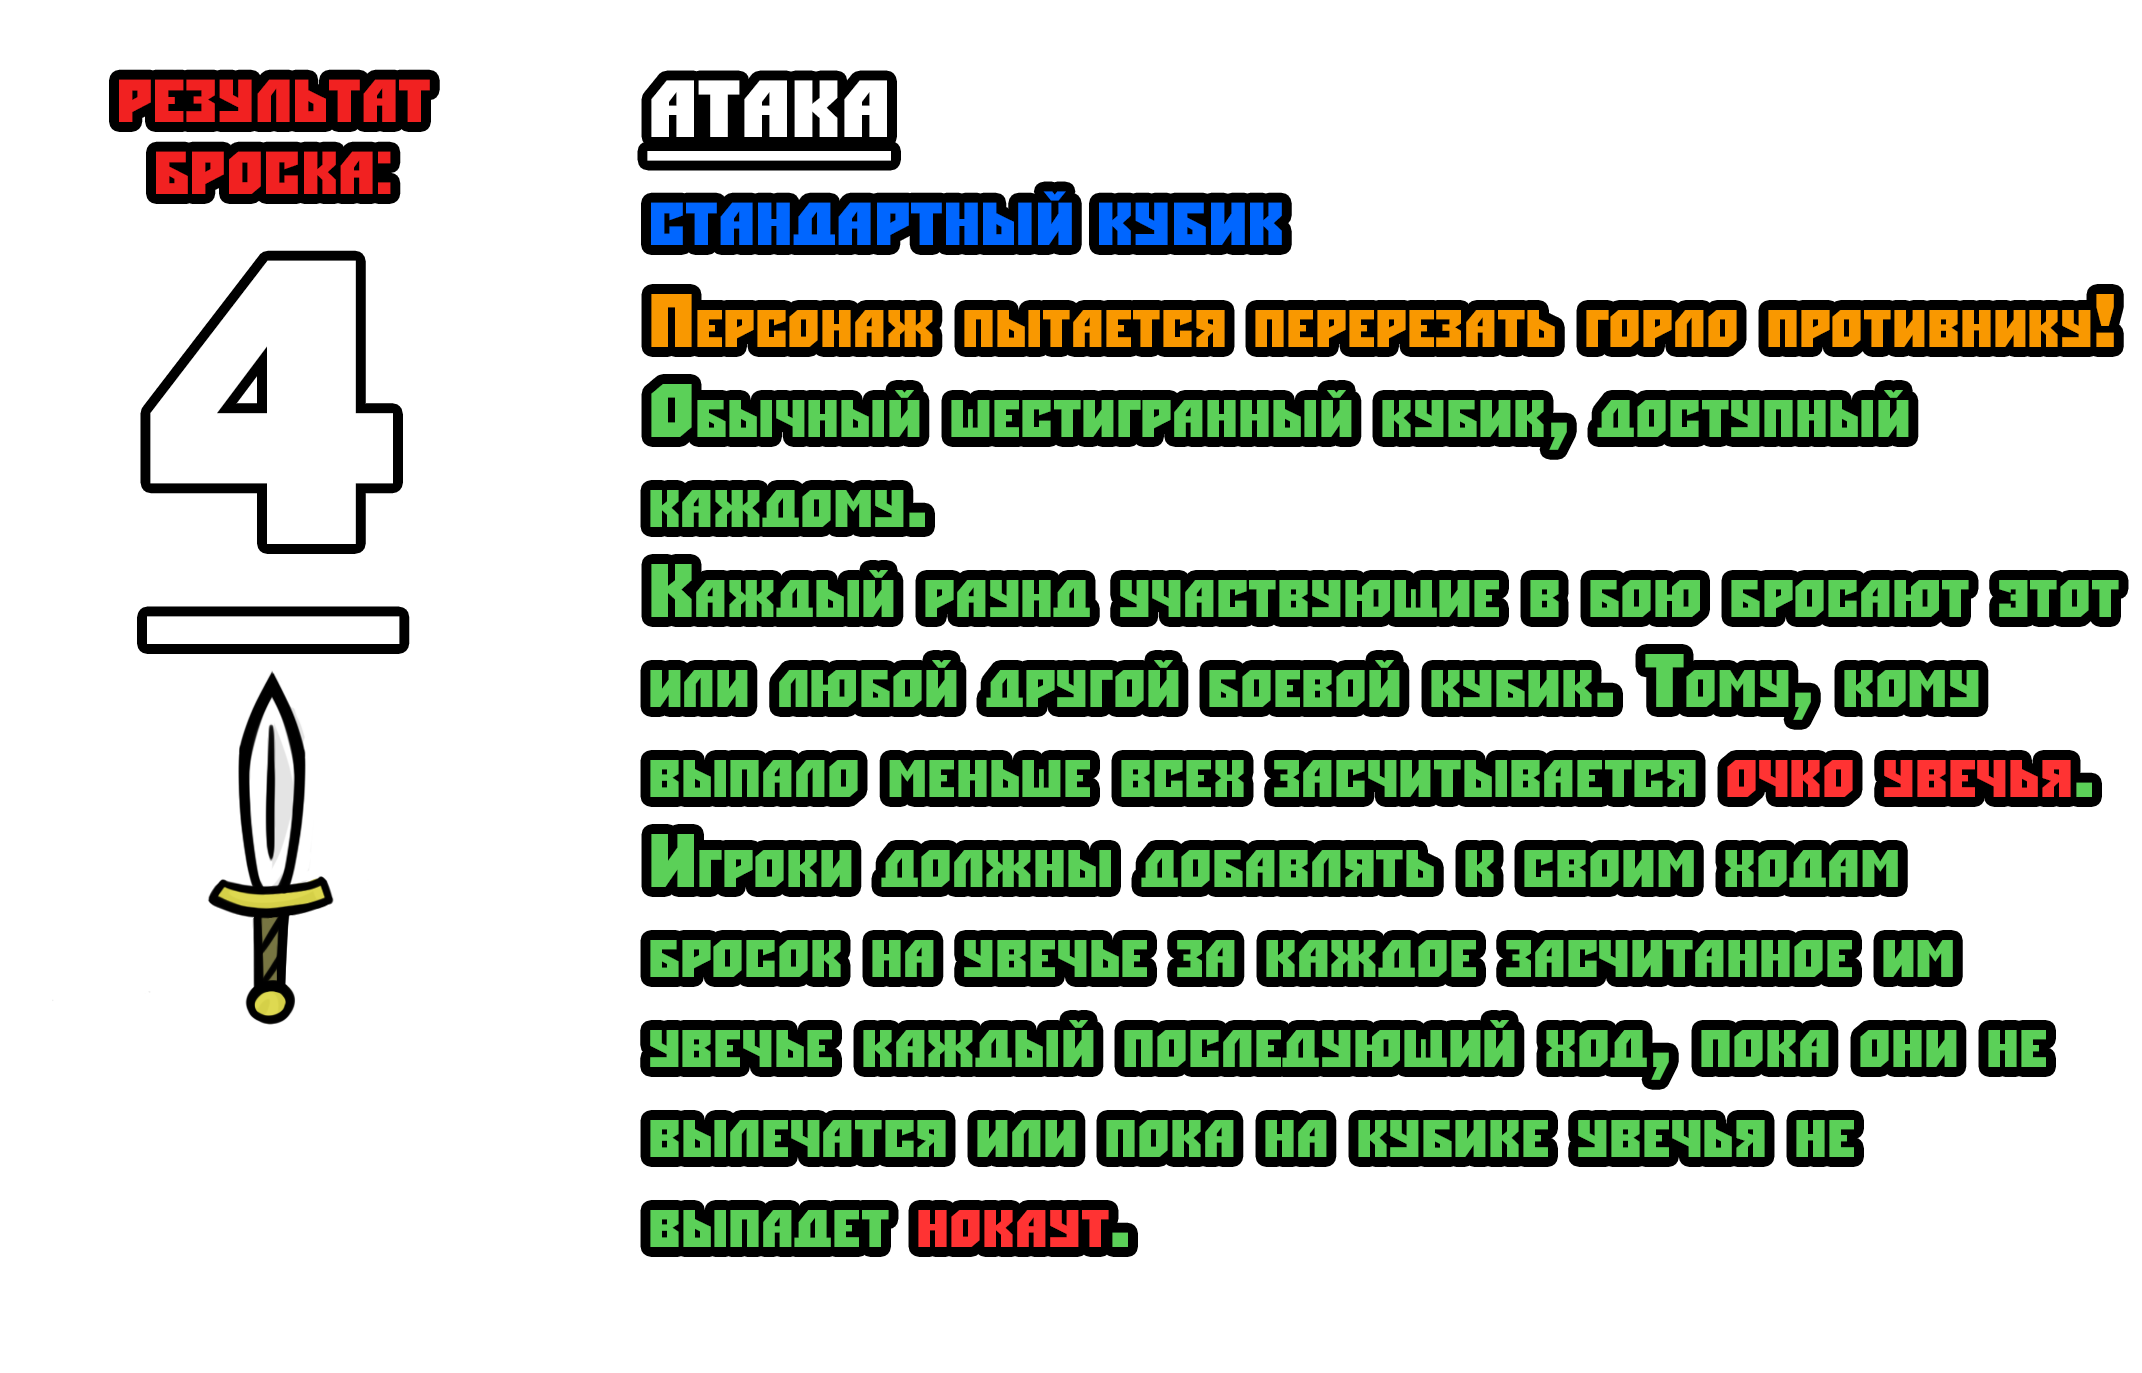 Тест боевой системы 4-2